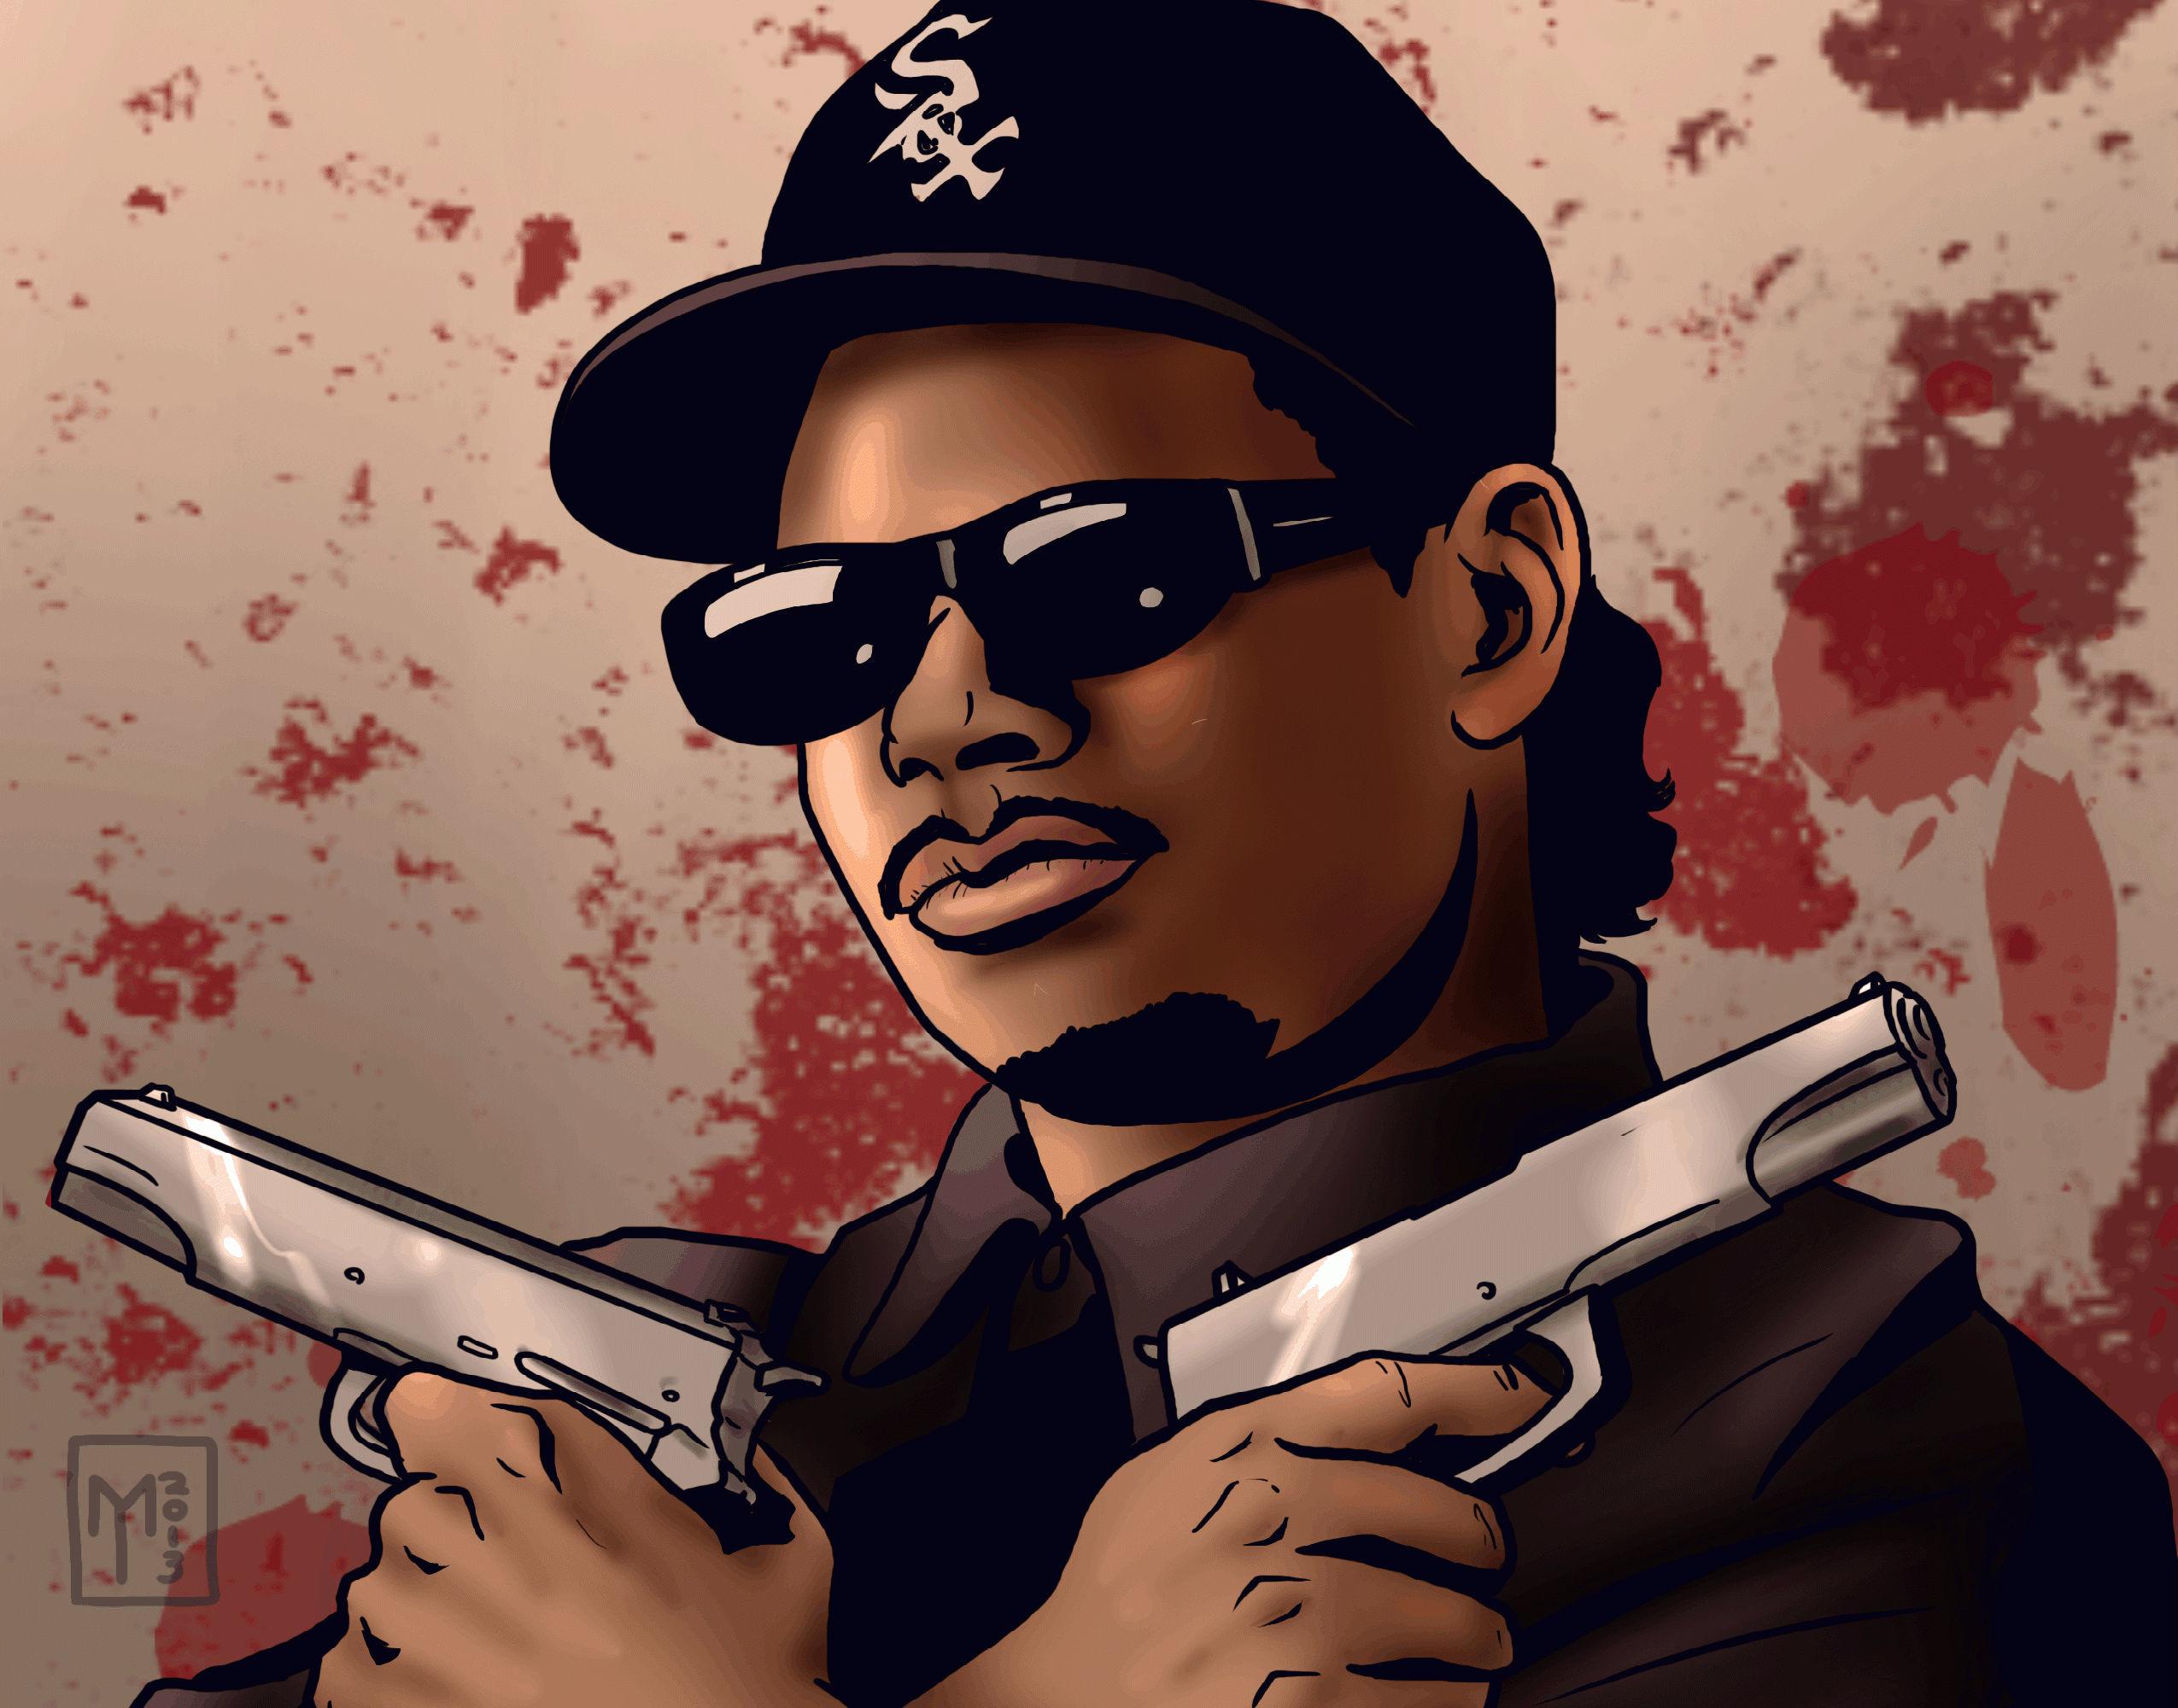 Nwa Wallpaper Eazy e nwa gangsta rapper rap